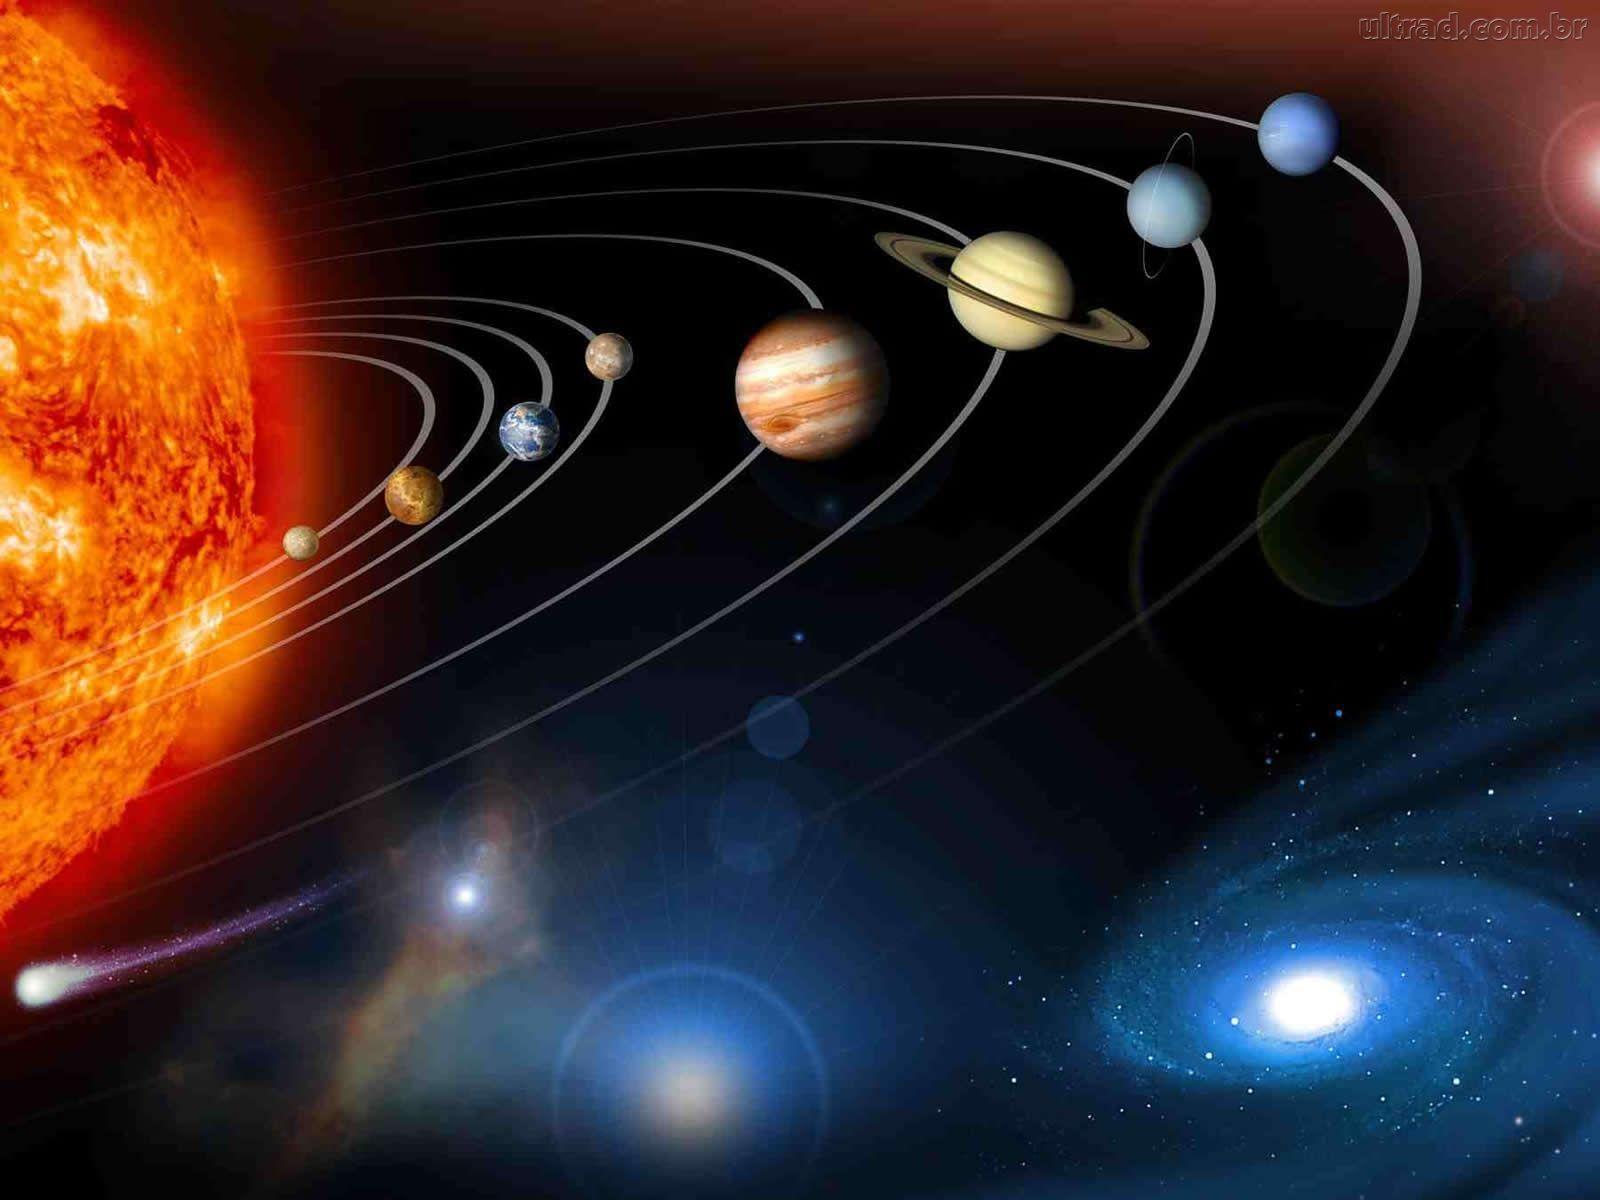 Descubren un nuevo exoplaneta que podría contener agua en la superficie